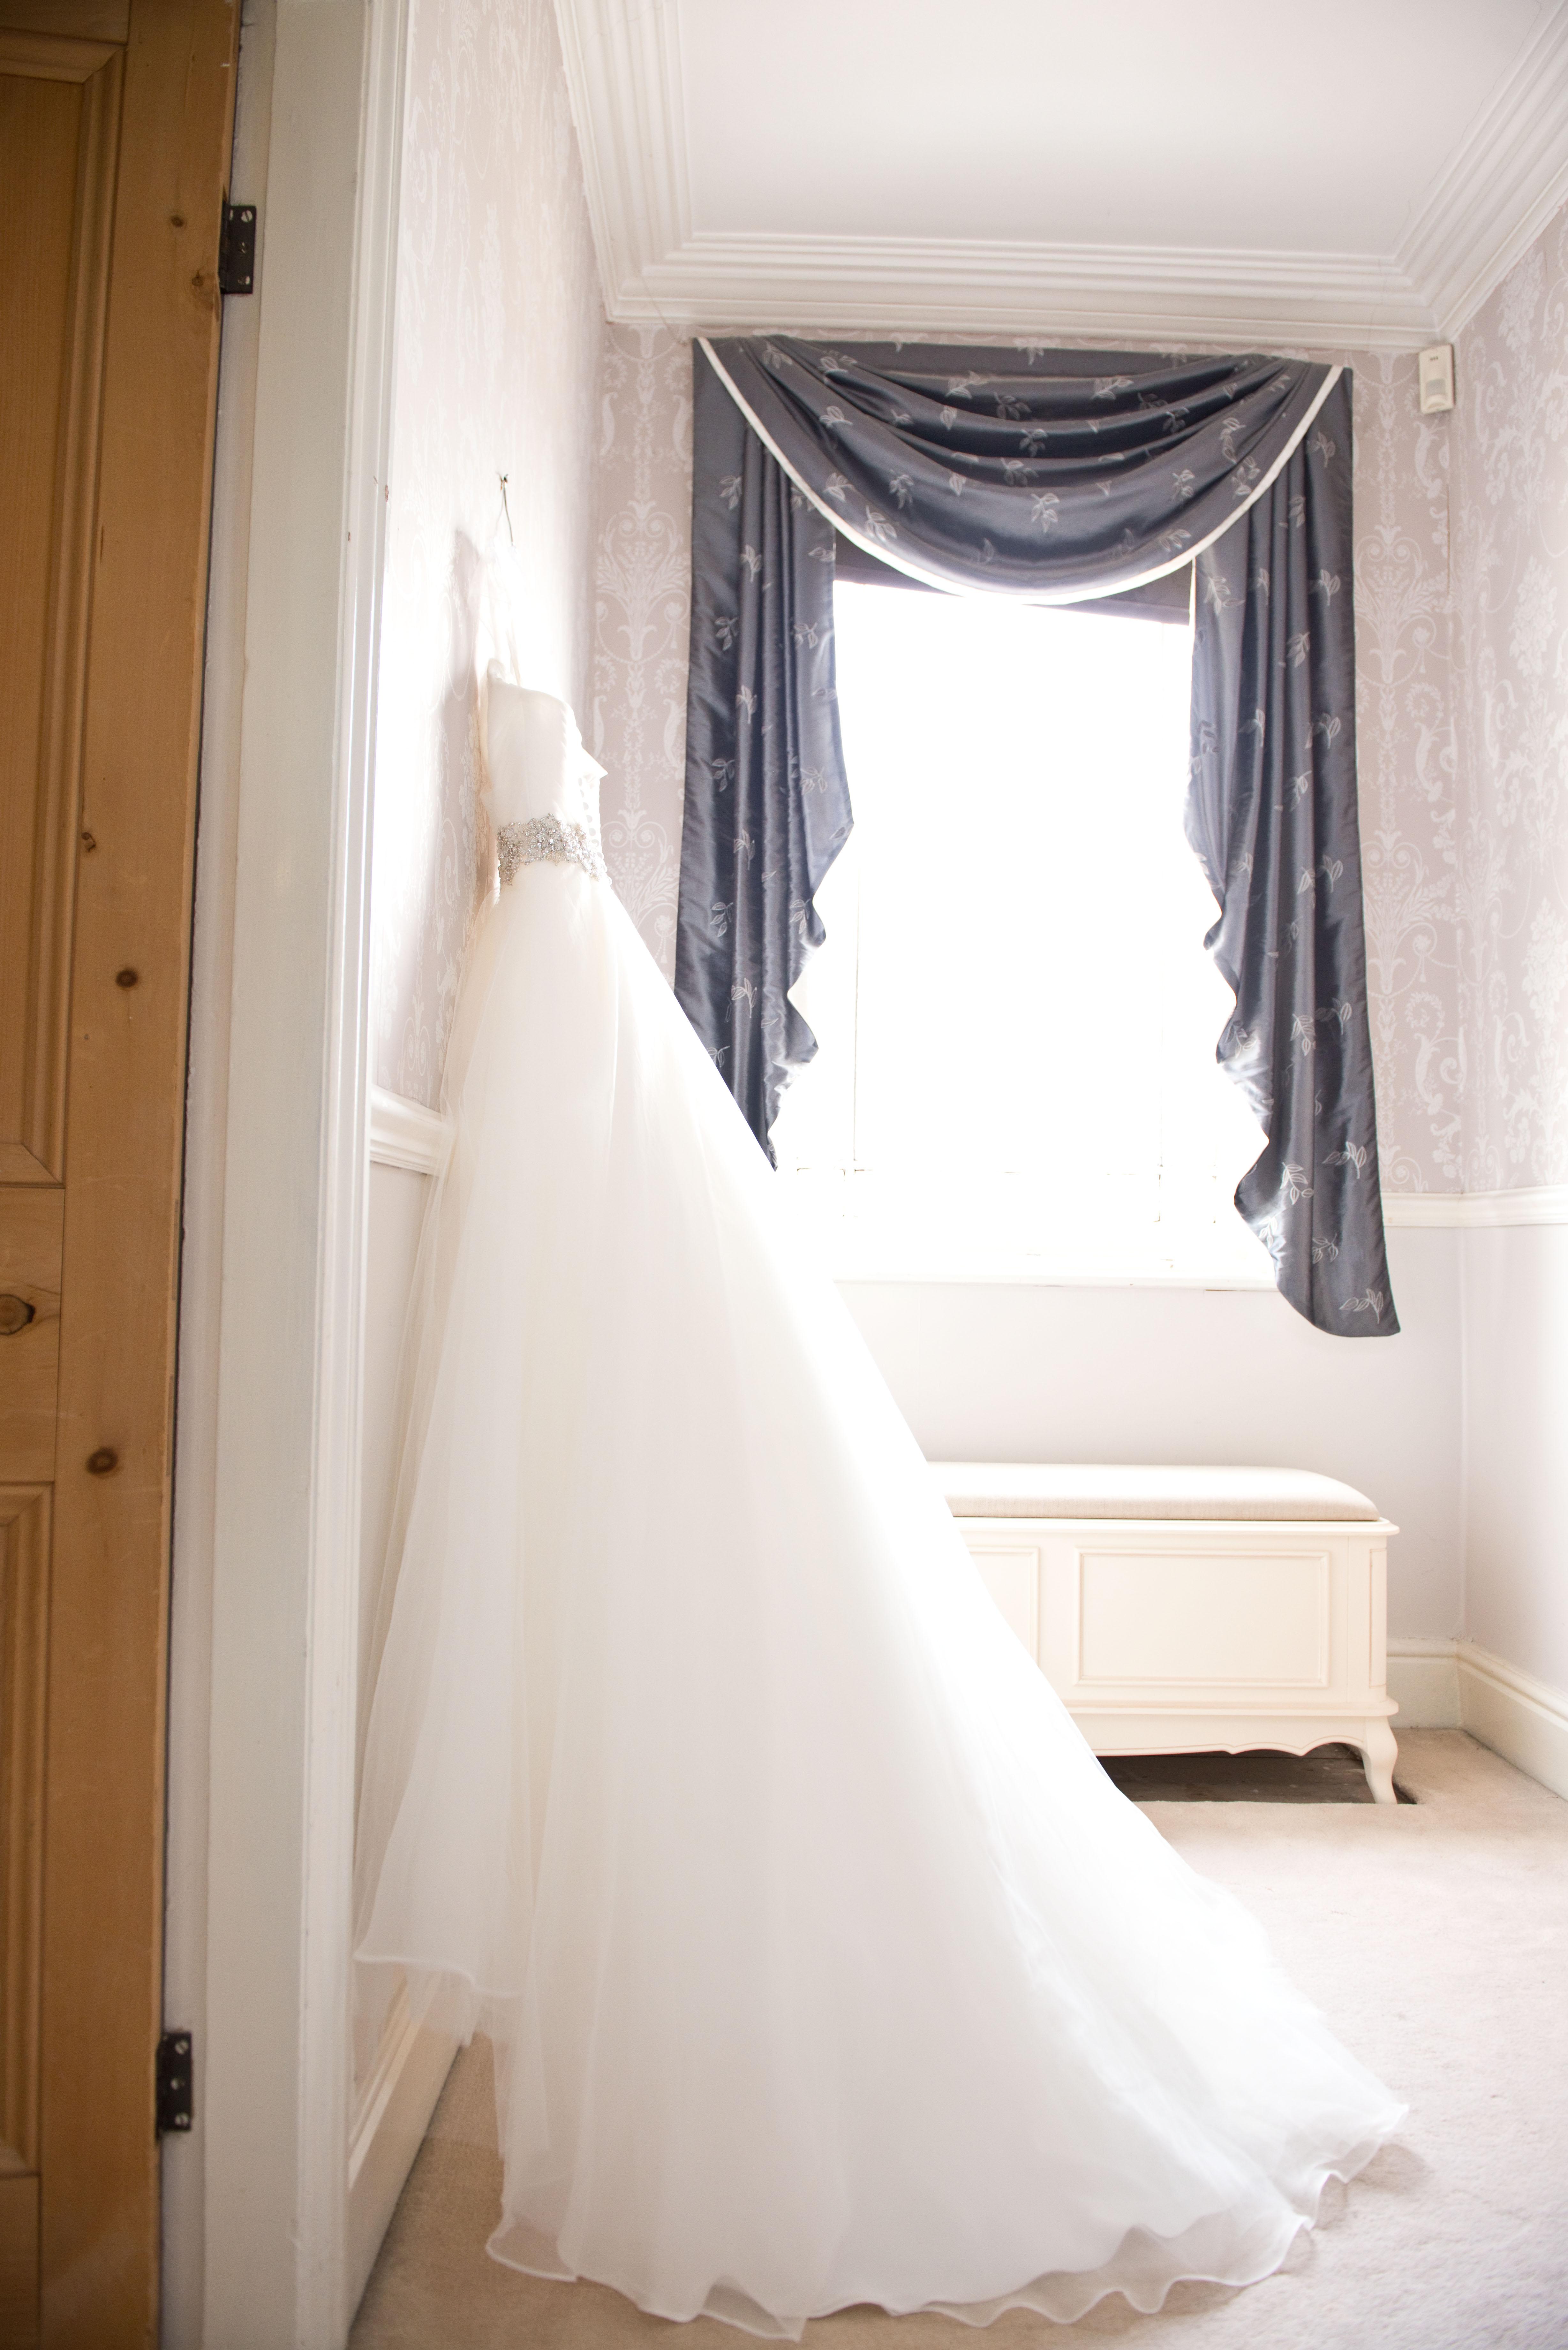 Wedding dress in window light, side-lit.